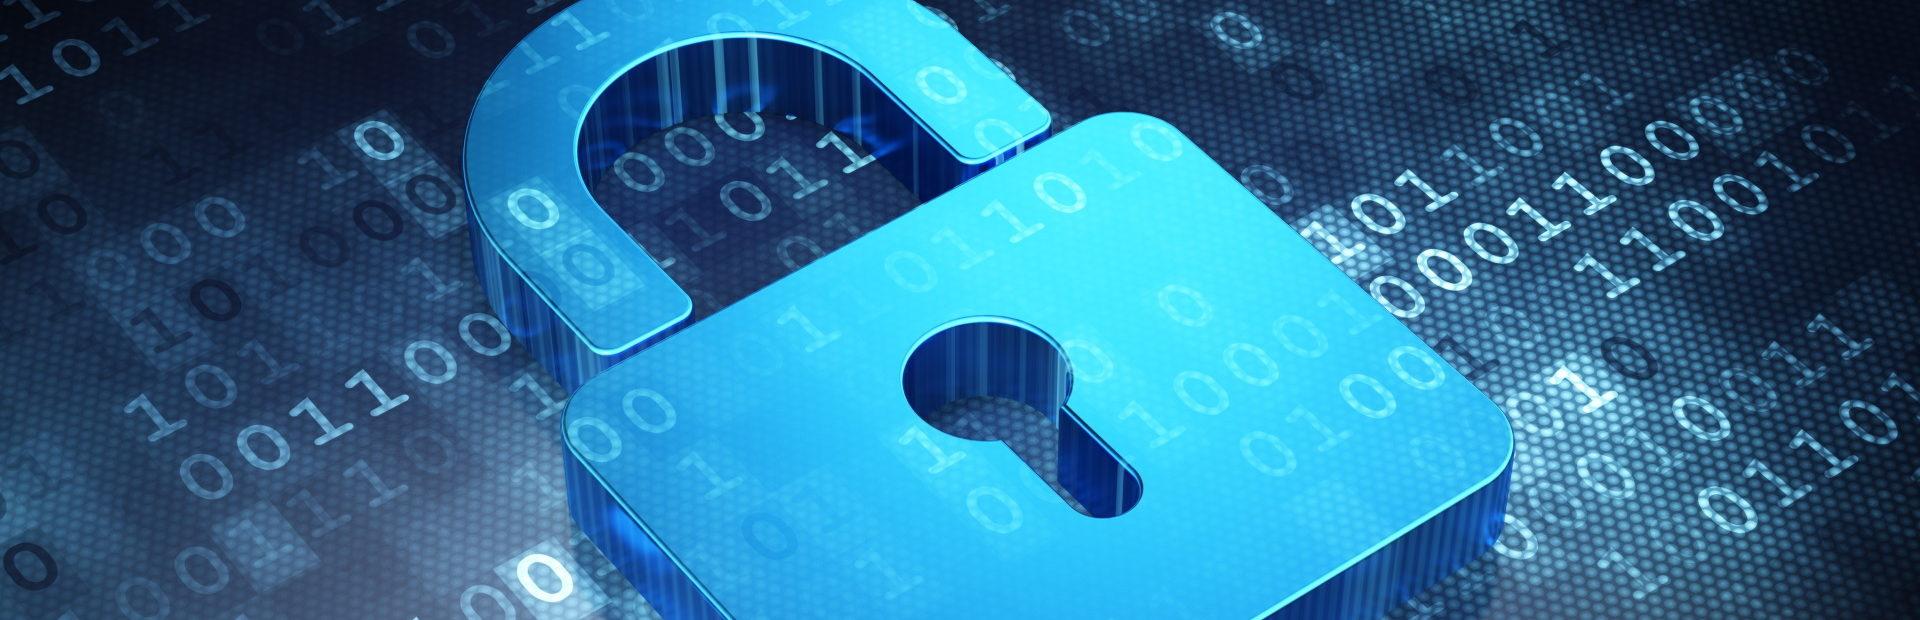 IT-Sicherheit-im-Unternehmen